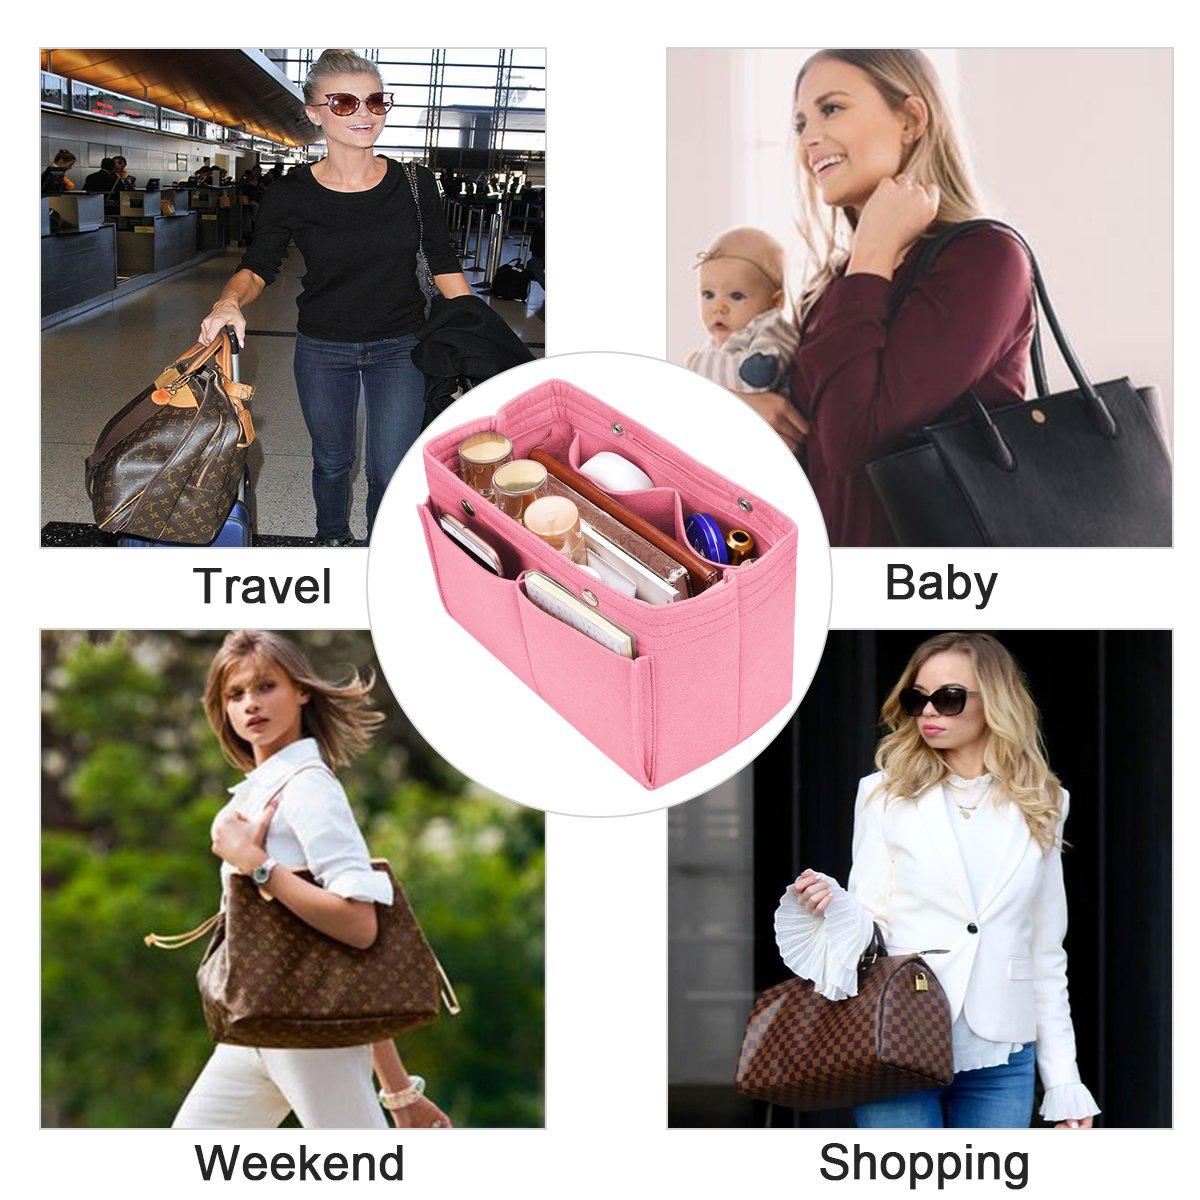 6 Colors Neverfull Fit LV Speedy 25-40 Handbag Organiser Felt Insert Purse Organiser Bag in Bag 3 Sizes Large, Gray Diaper Bag Organiser